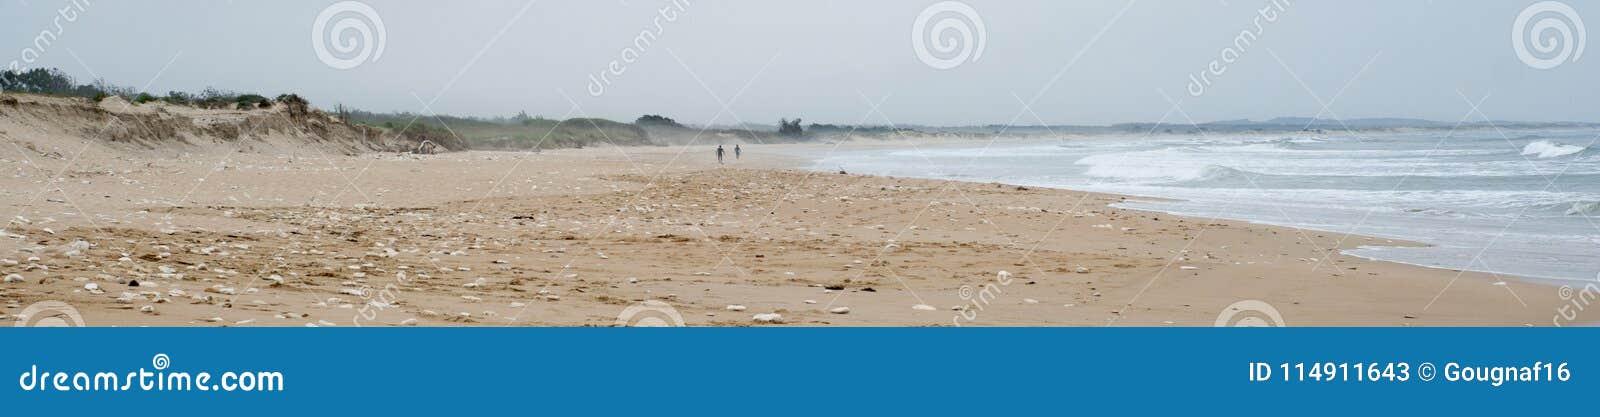 Surfers on a beach on Oleron Island, France